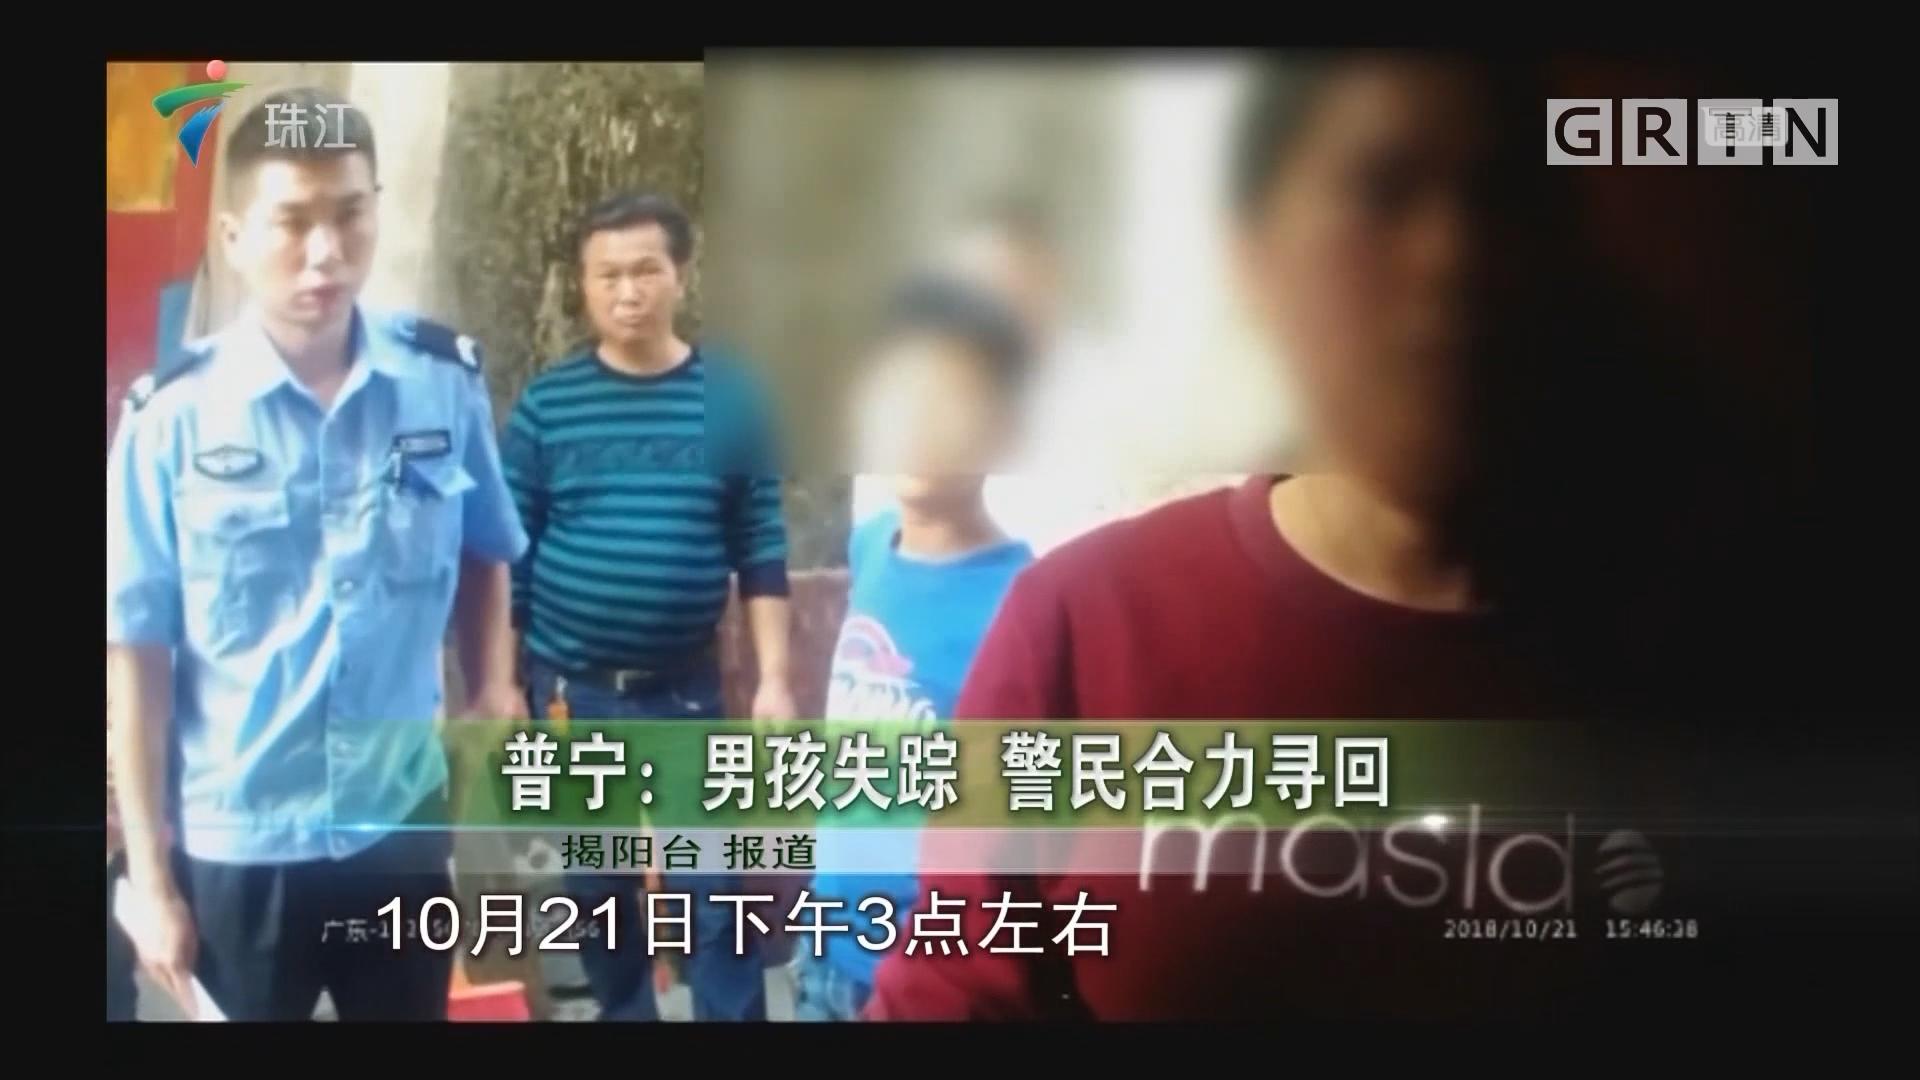 普宁:男孩失踪 警民合力寻回